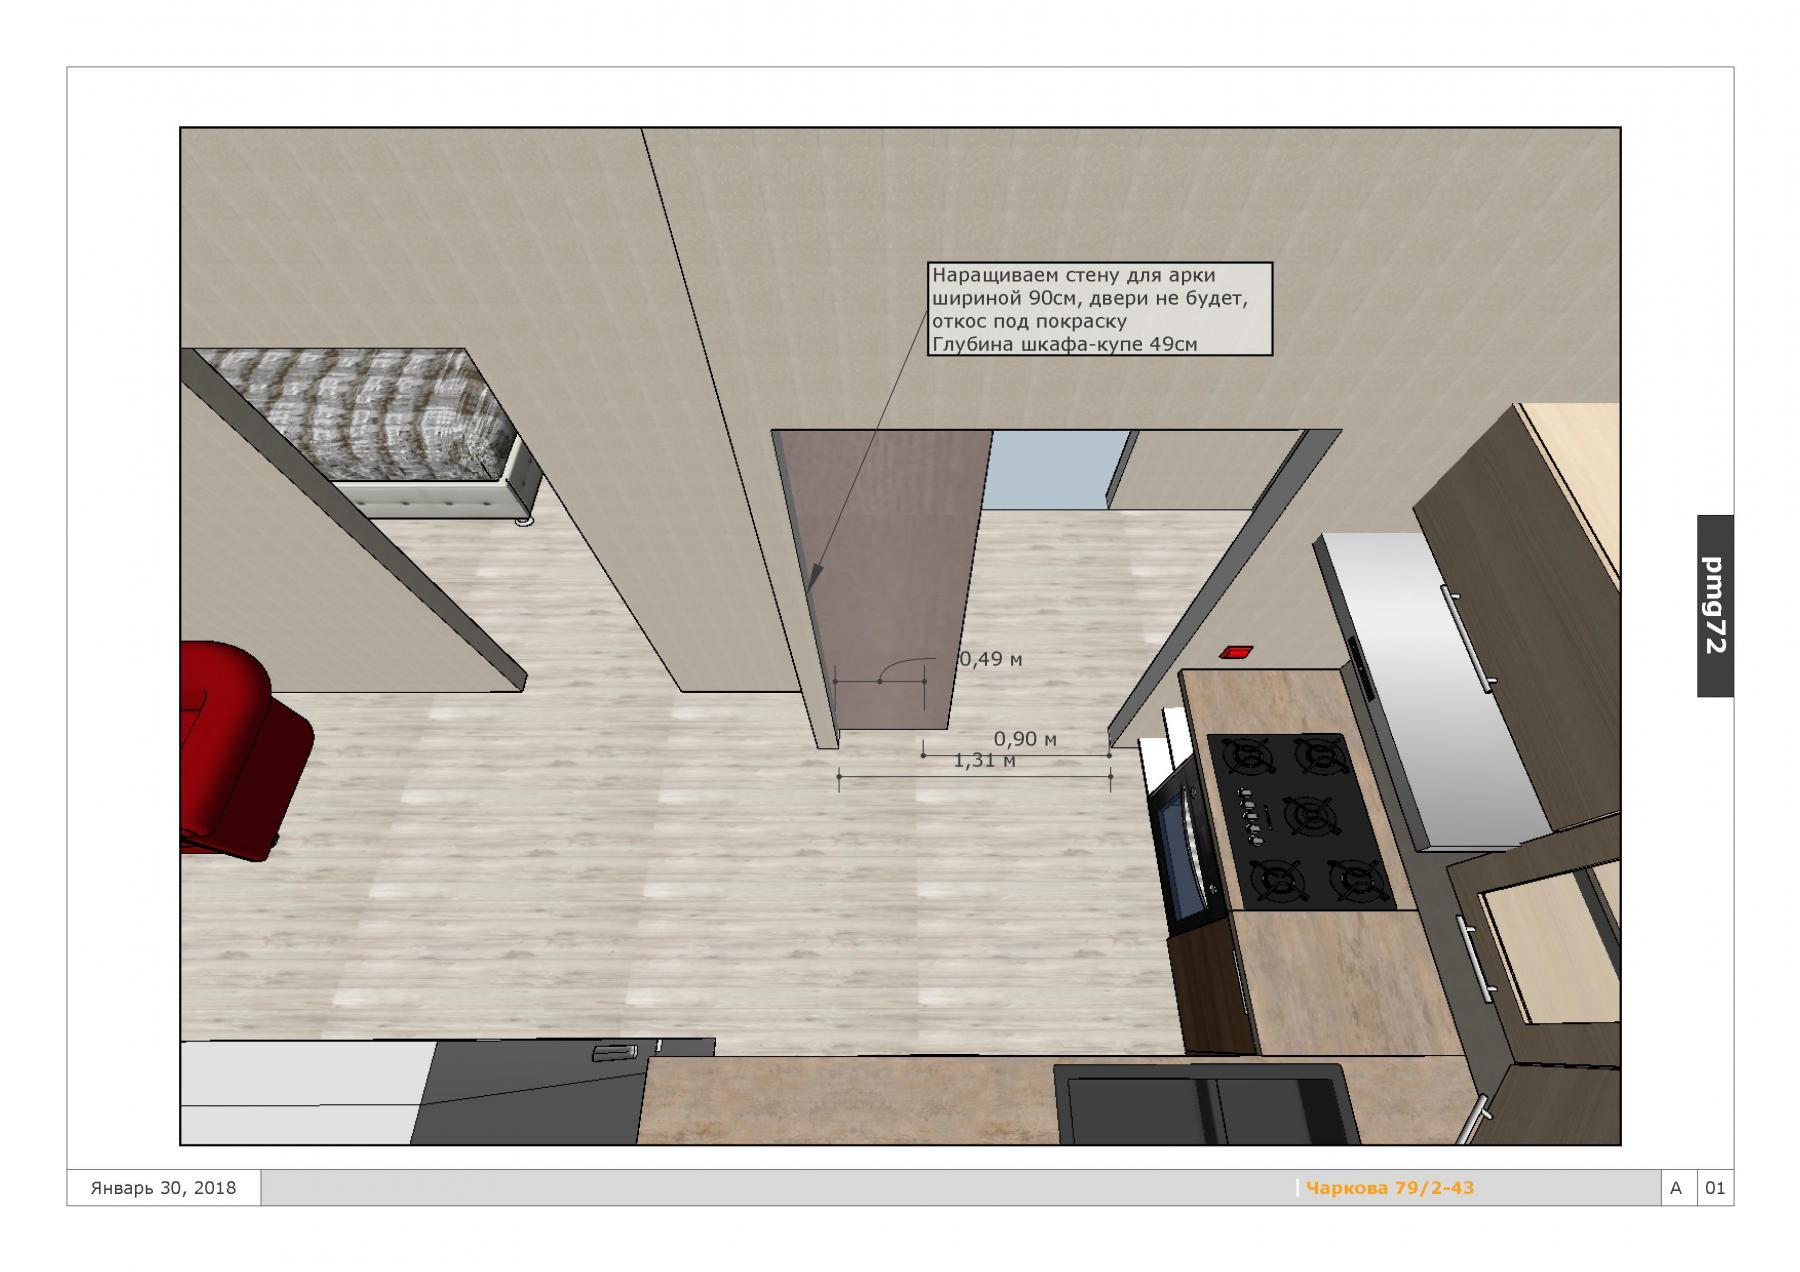 Омекон дизайн, интернет маркетинг, создание и продвижение сайтов Ооо студия технического дизайна